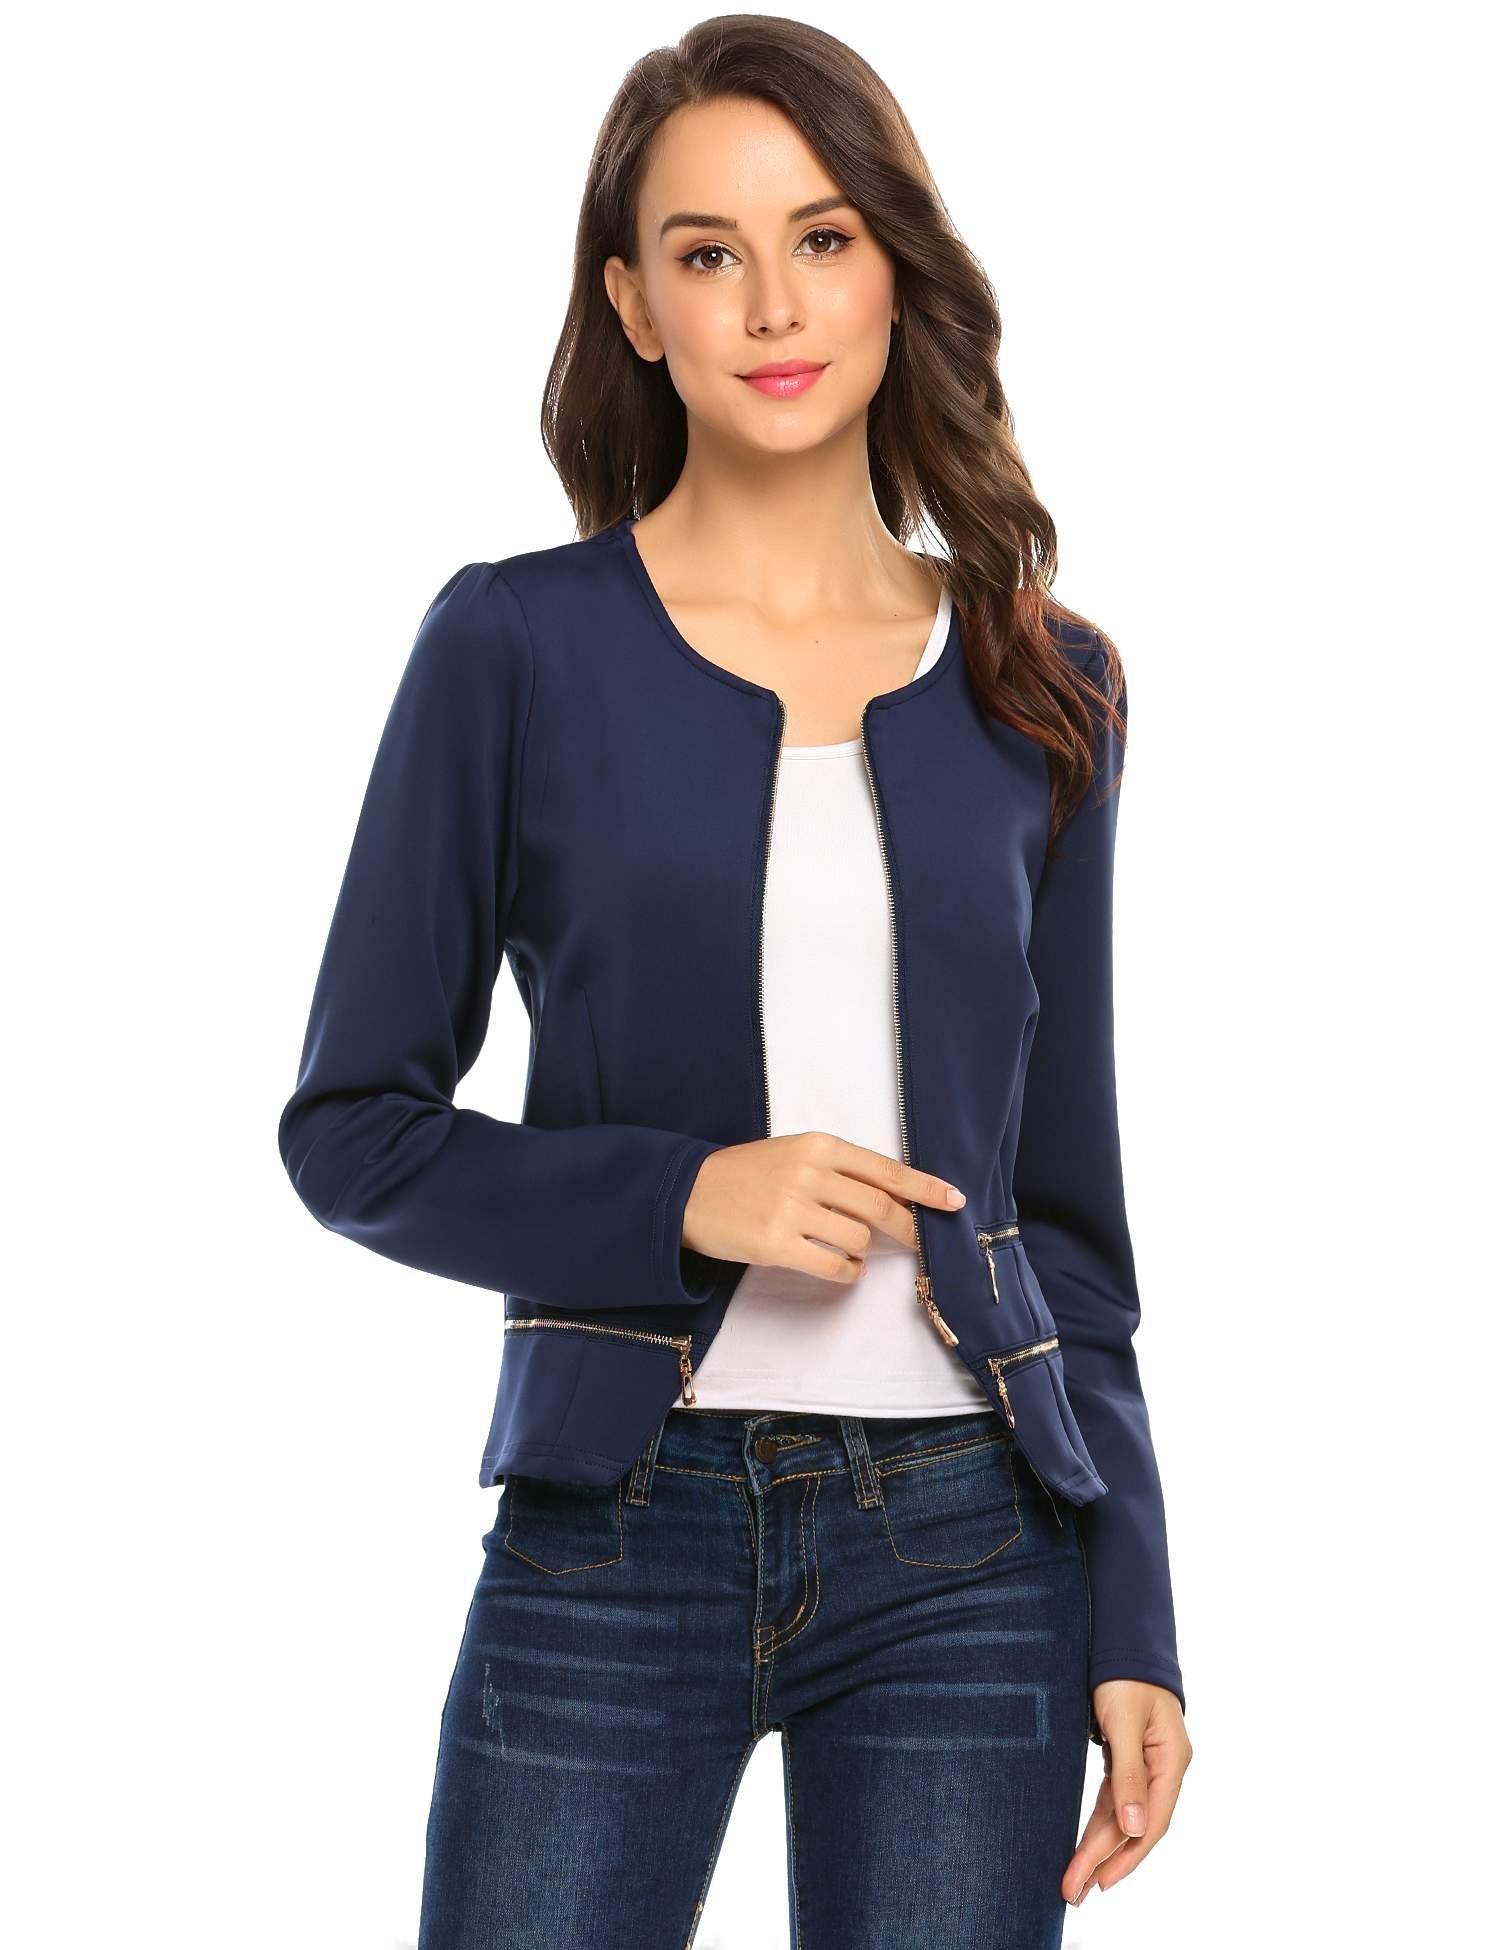 Zeagoo Women's Casual Zipper Cardigan Blazer O Neck Slim Fitted Office Jacket (L, Navy Blue) by Zeagoo (Image #3)